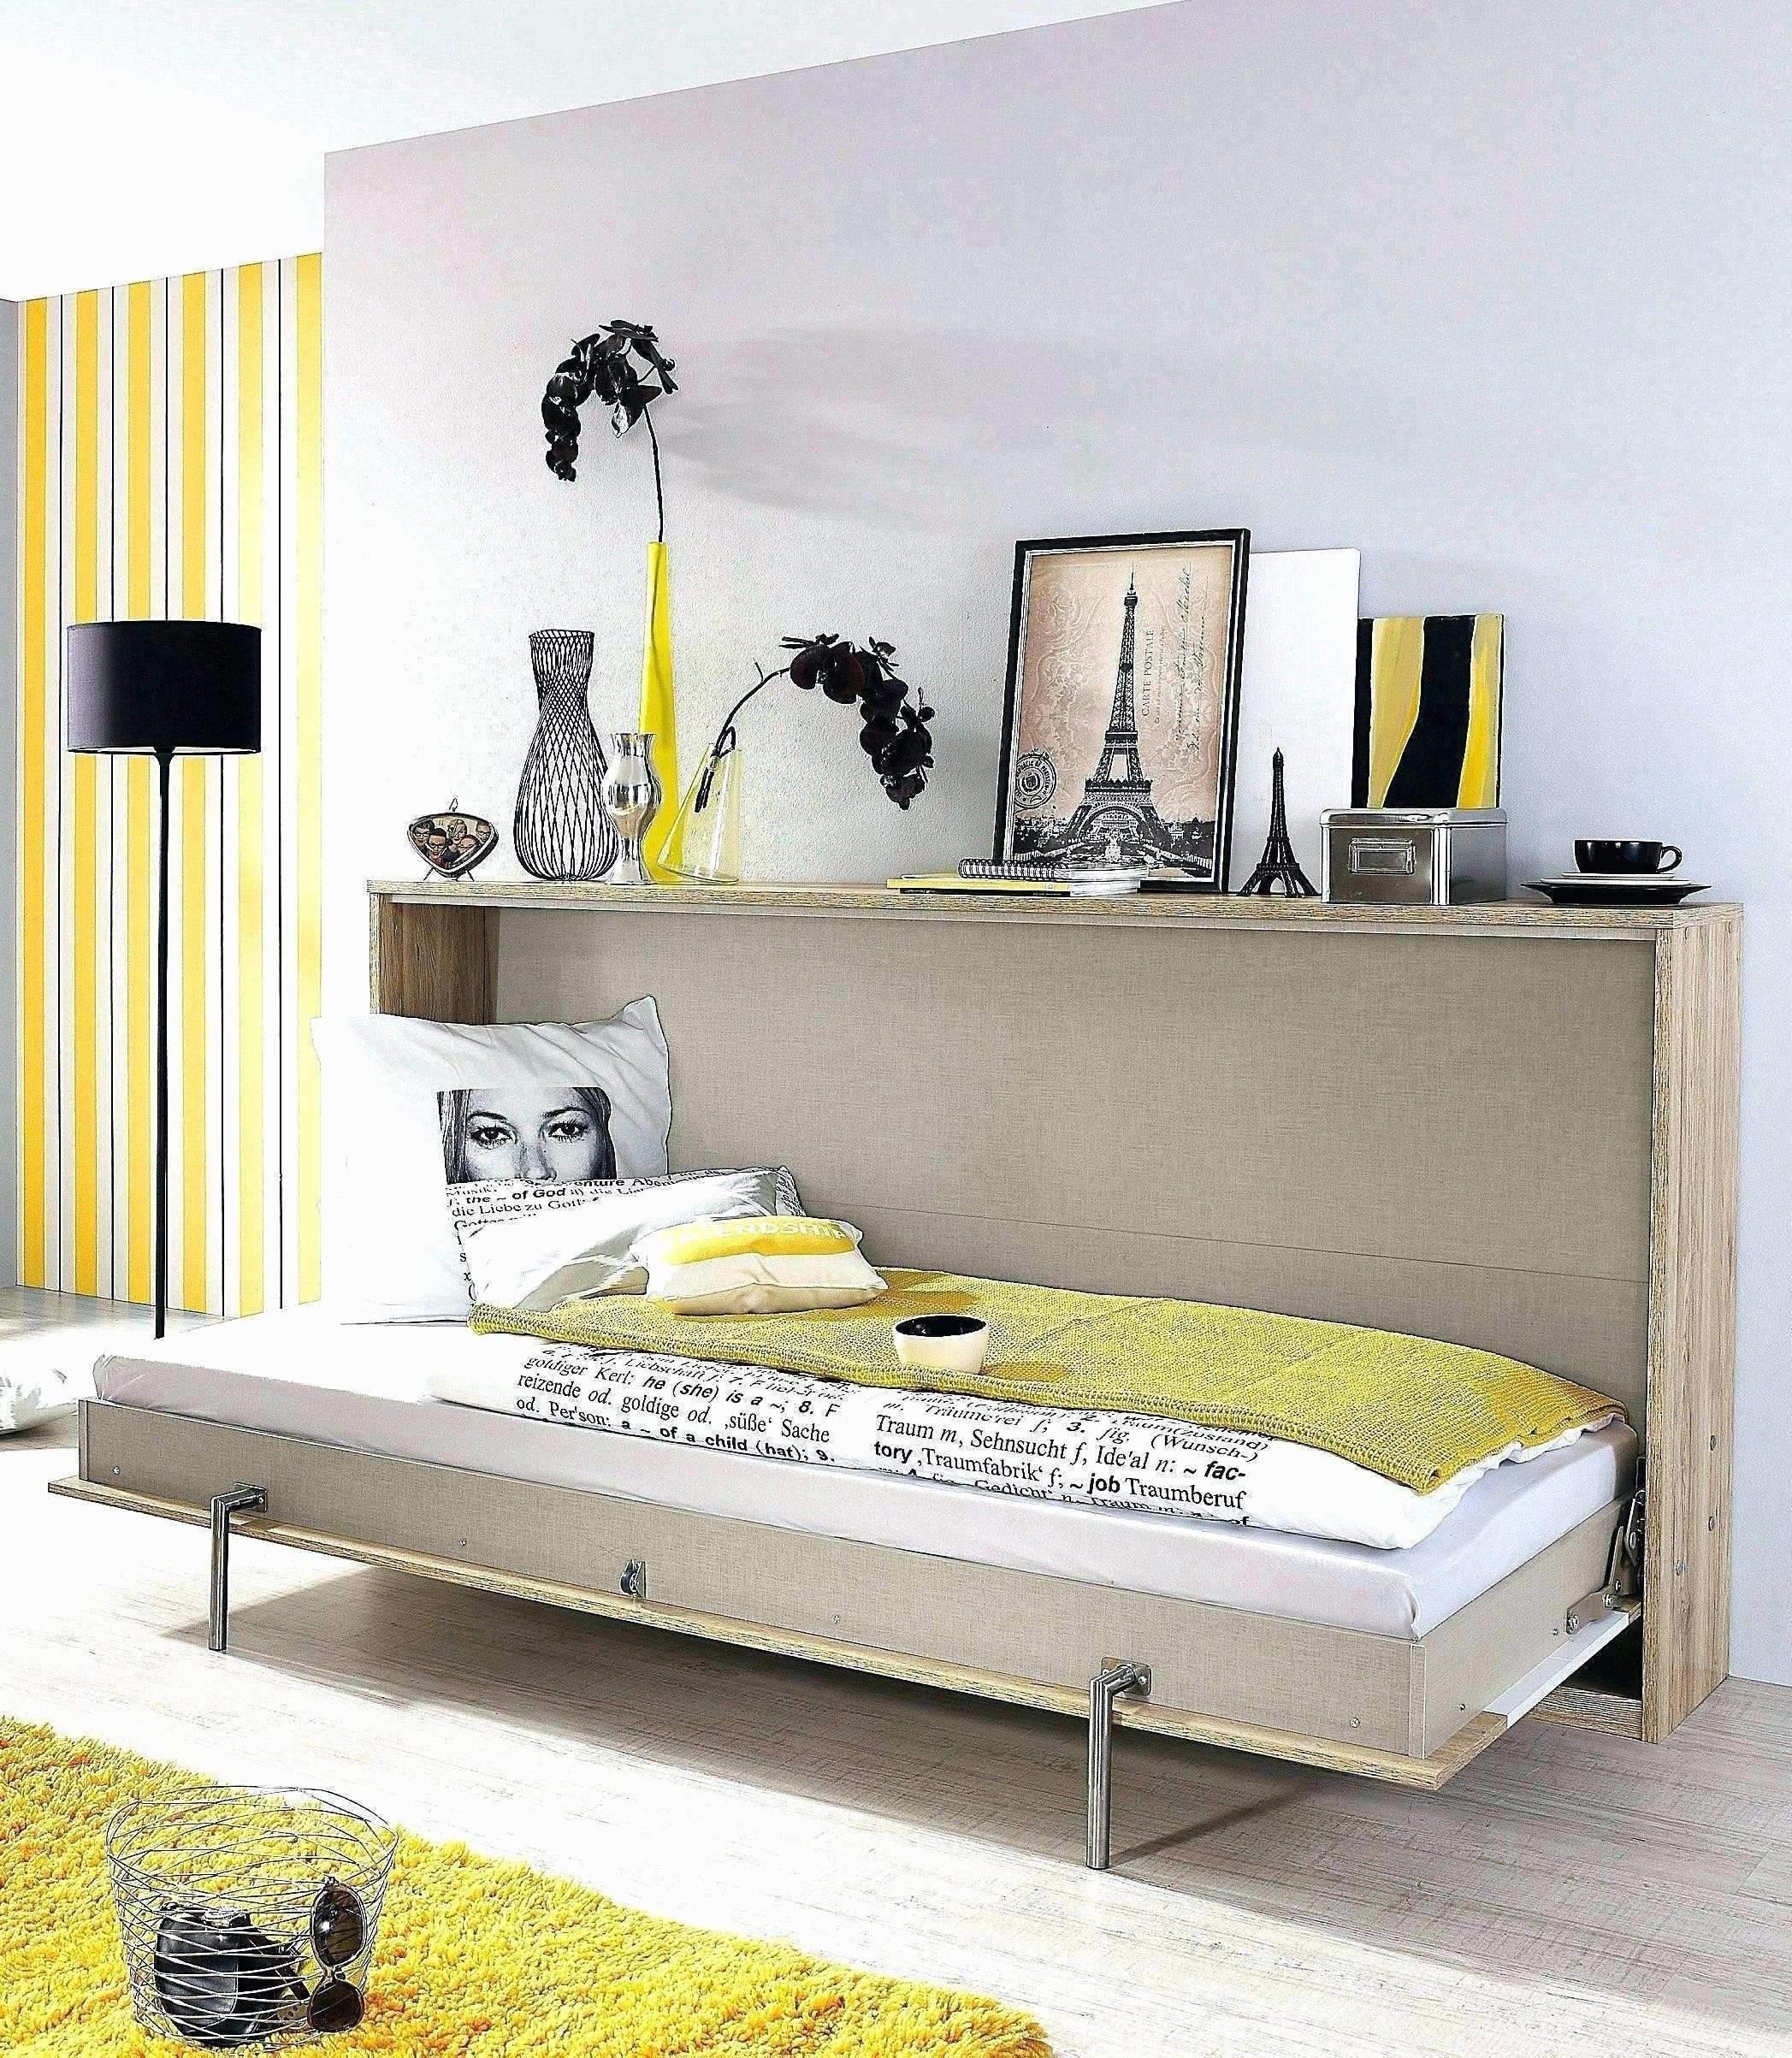 ikea wohnzimmer planer das beste von 45 tolle von ikea kleiderschrank planer planen of ikea wohnzimmer planer